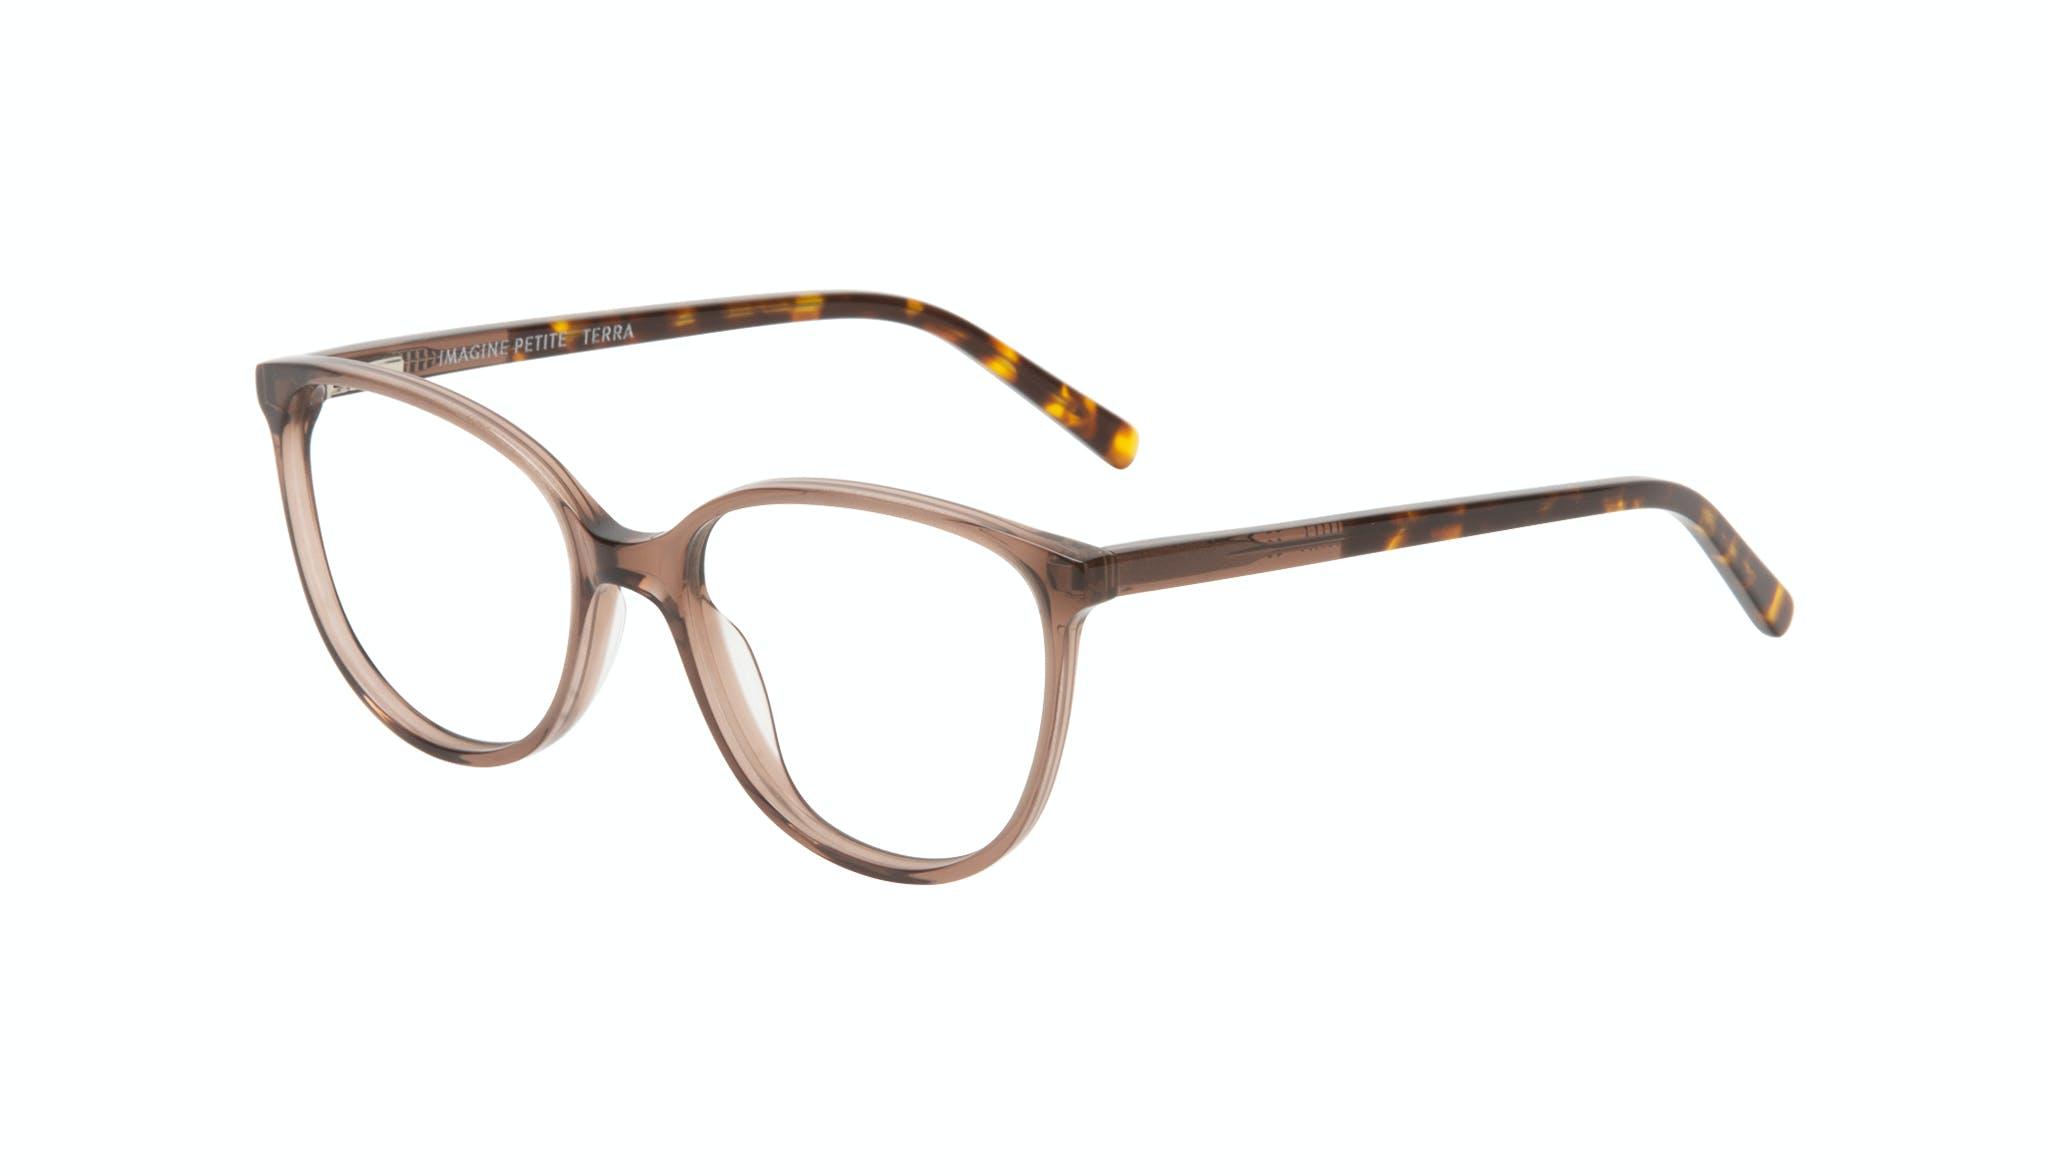 Affordable Fashion Glasses Round Eyeglasses Women Imagine Petite Terra Tilt